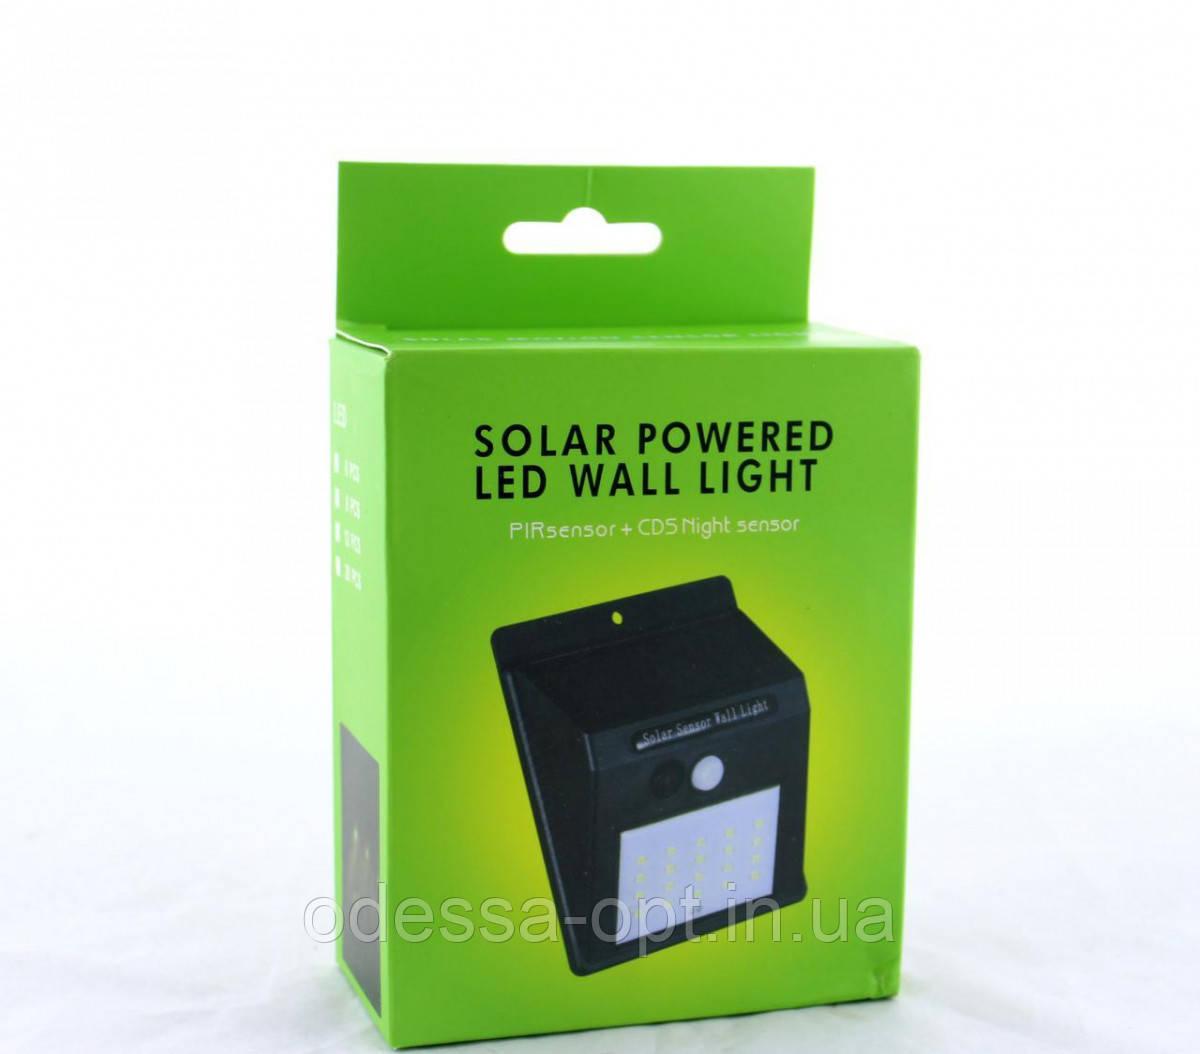 Светодиодный Навесной фонарь с датчиком движения 609 solar 20 диодов на солнечных батареях